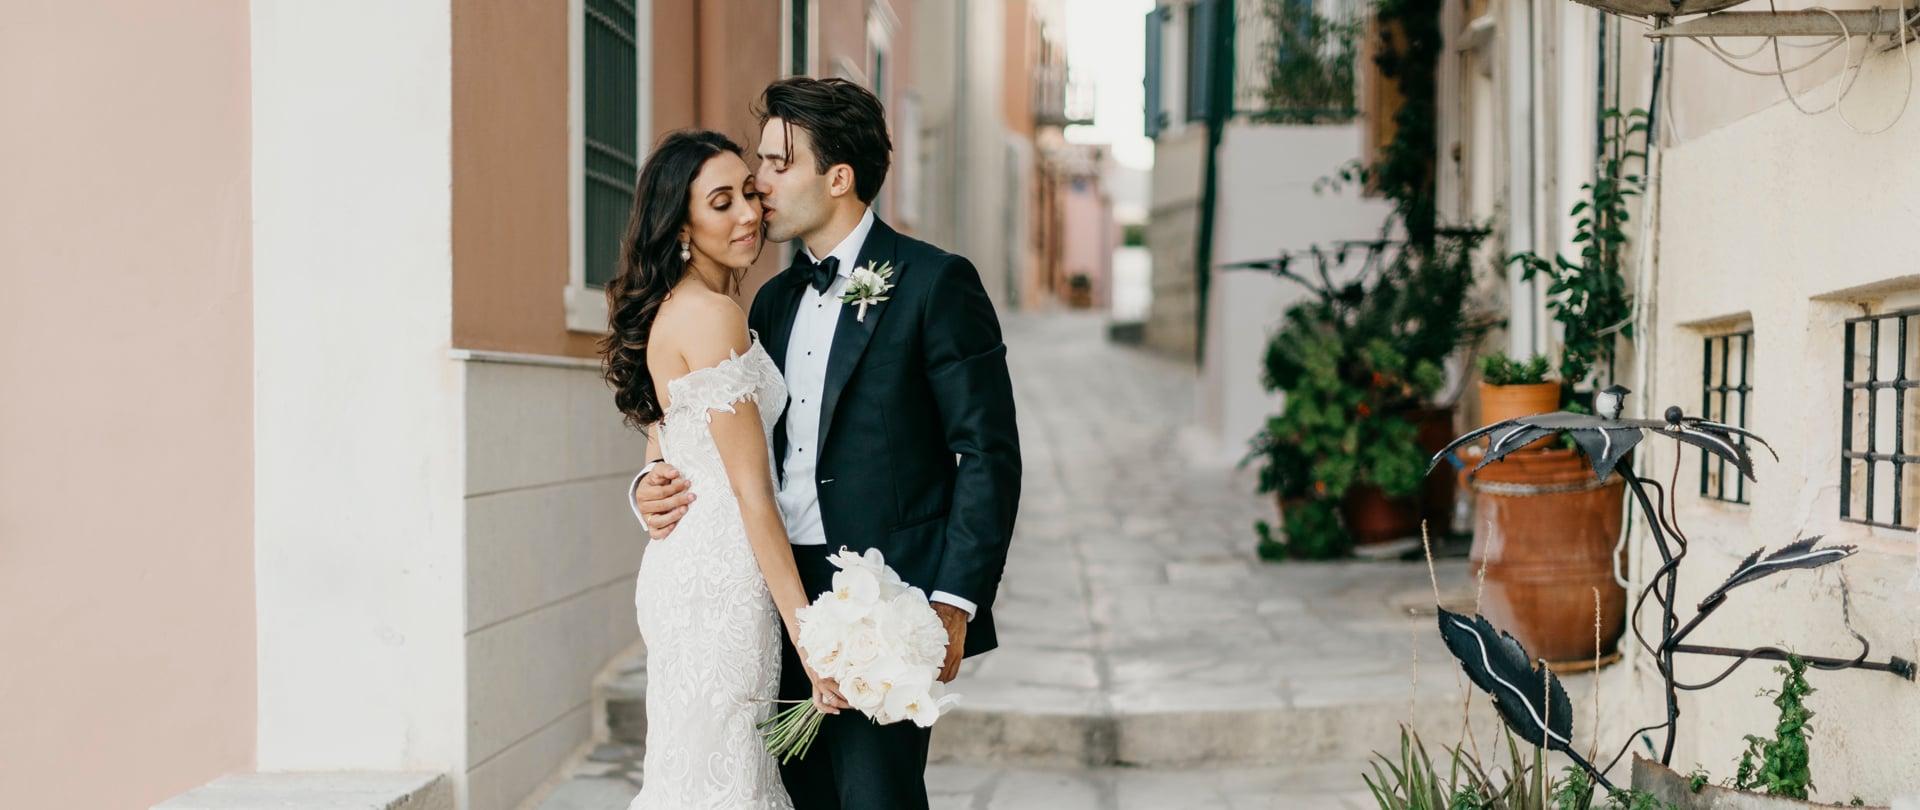 Helena & Will Wedding Video Filmed at Syros, Greece